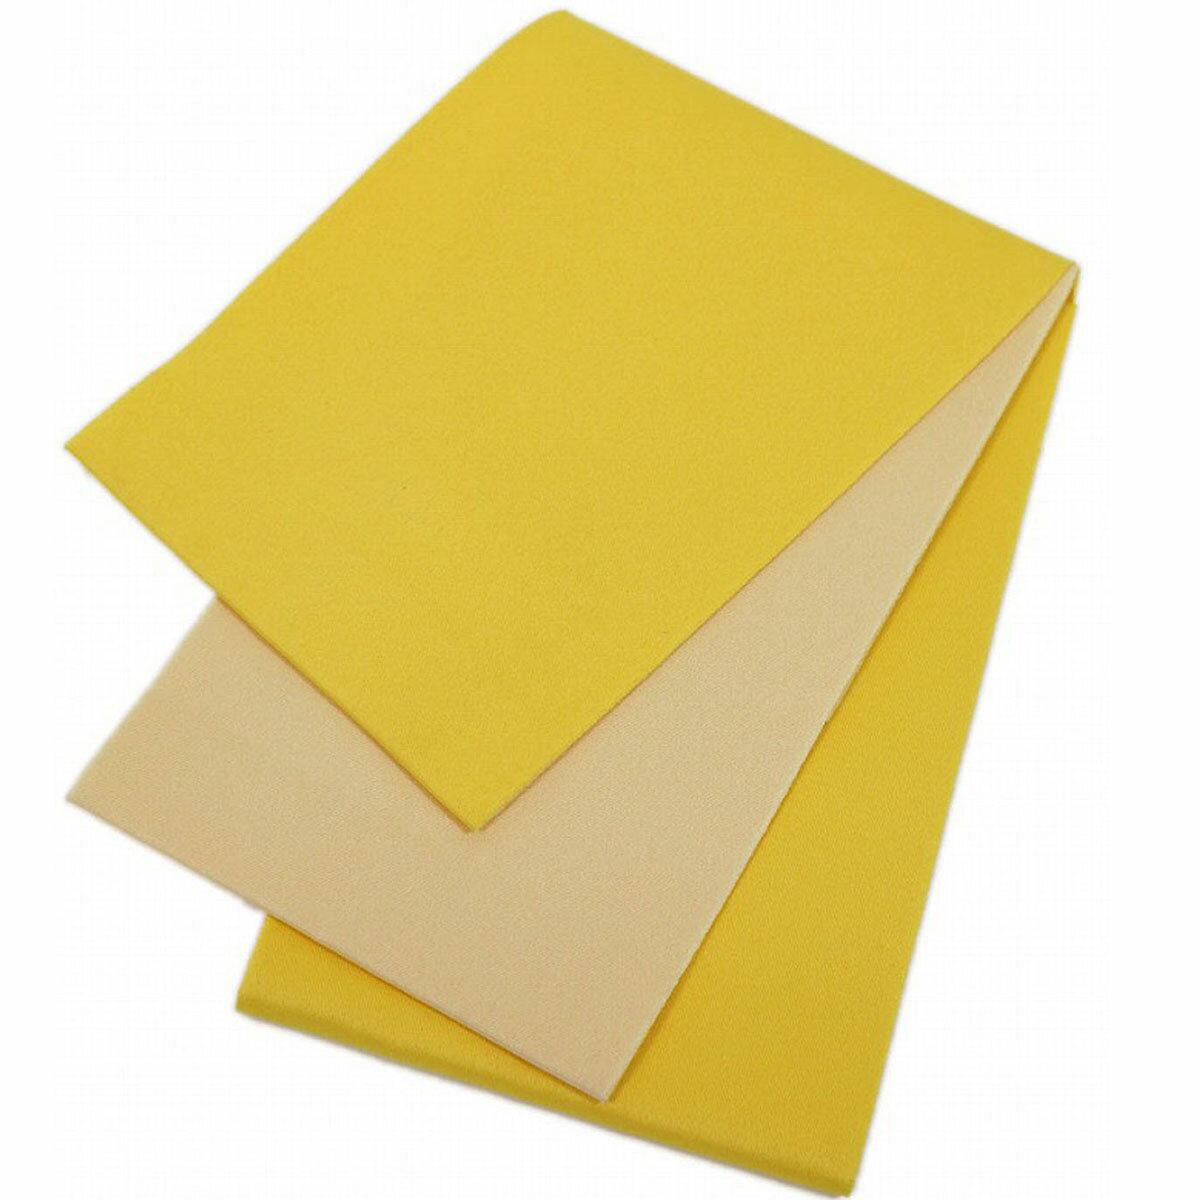 日本製 シンプル リバーシブル 浴衣帯 無地 黄×オフホワイト系 長尺 超長尺